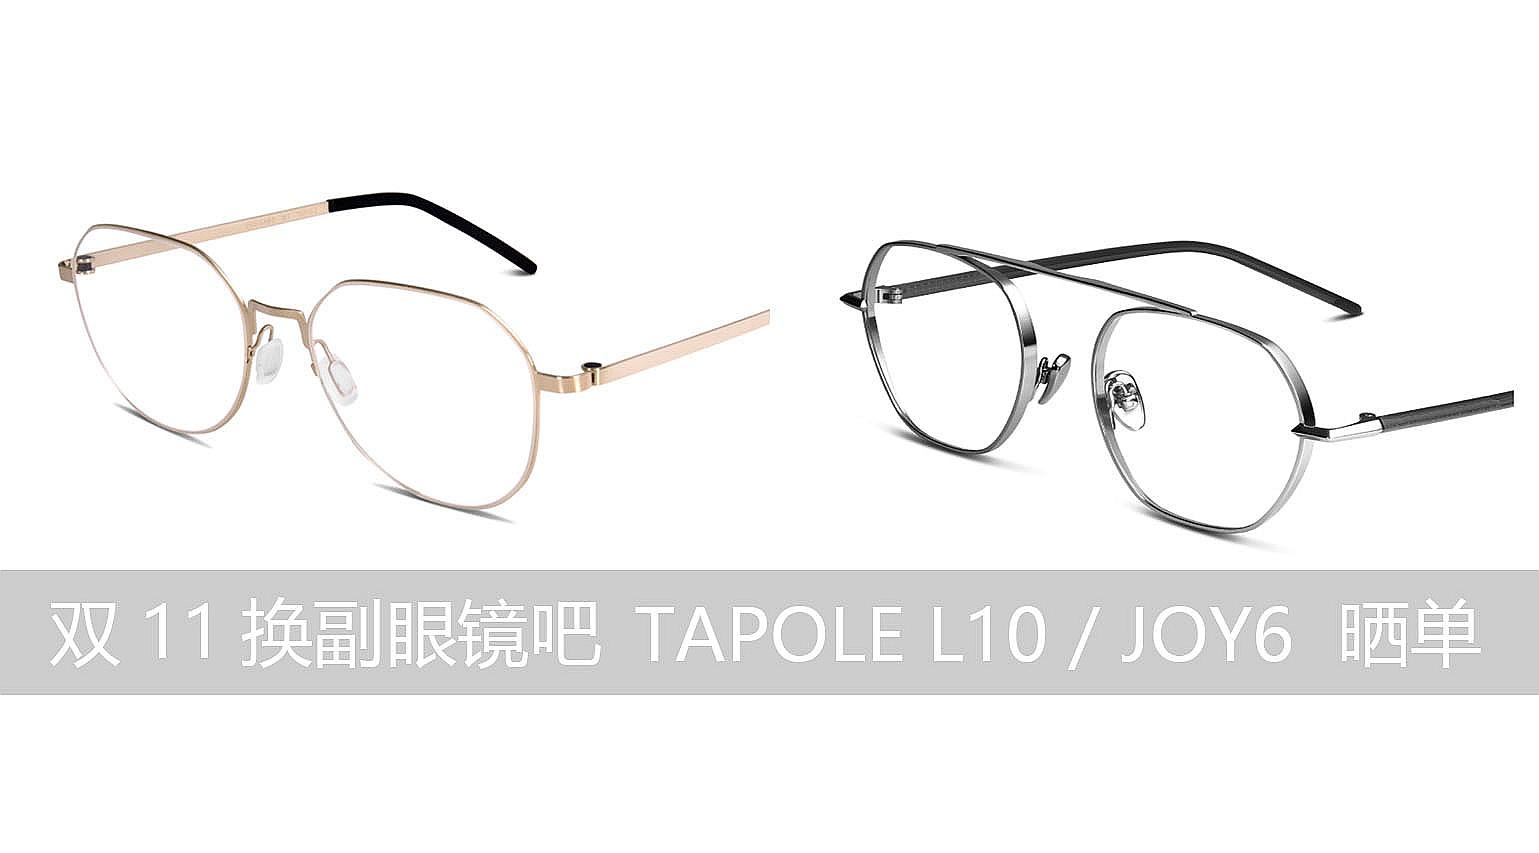 復古回潮,金邊銀邊戴起來:Tapole L10 / JOY6 眼鏡曬單體驗